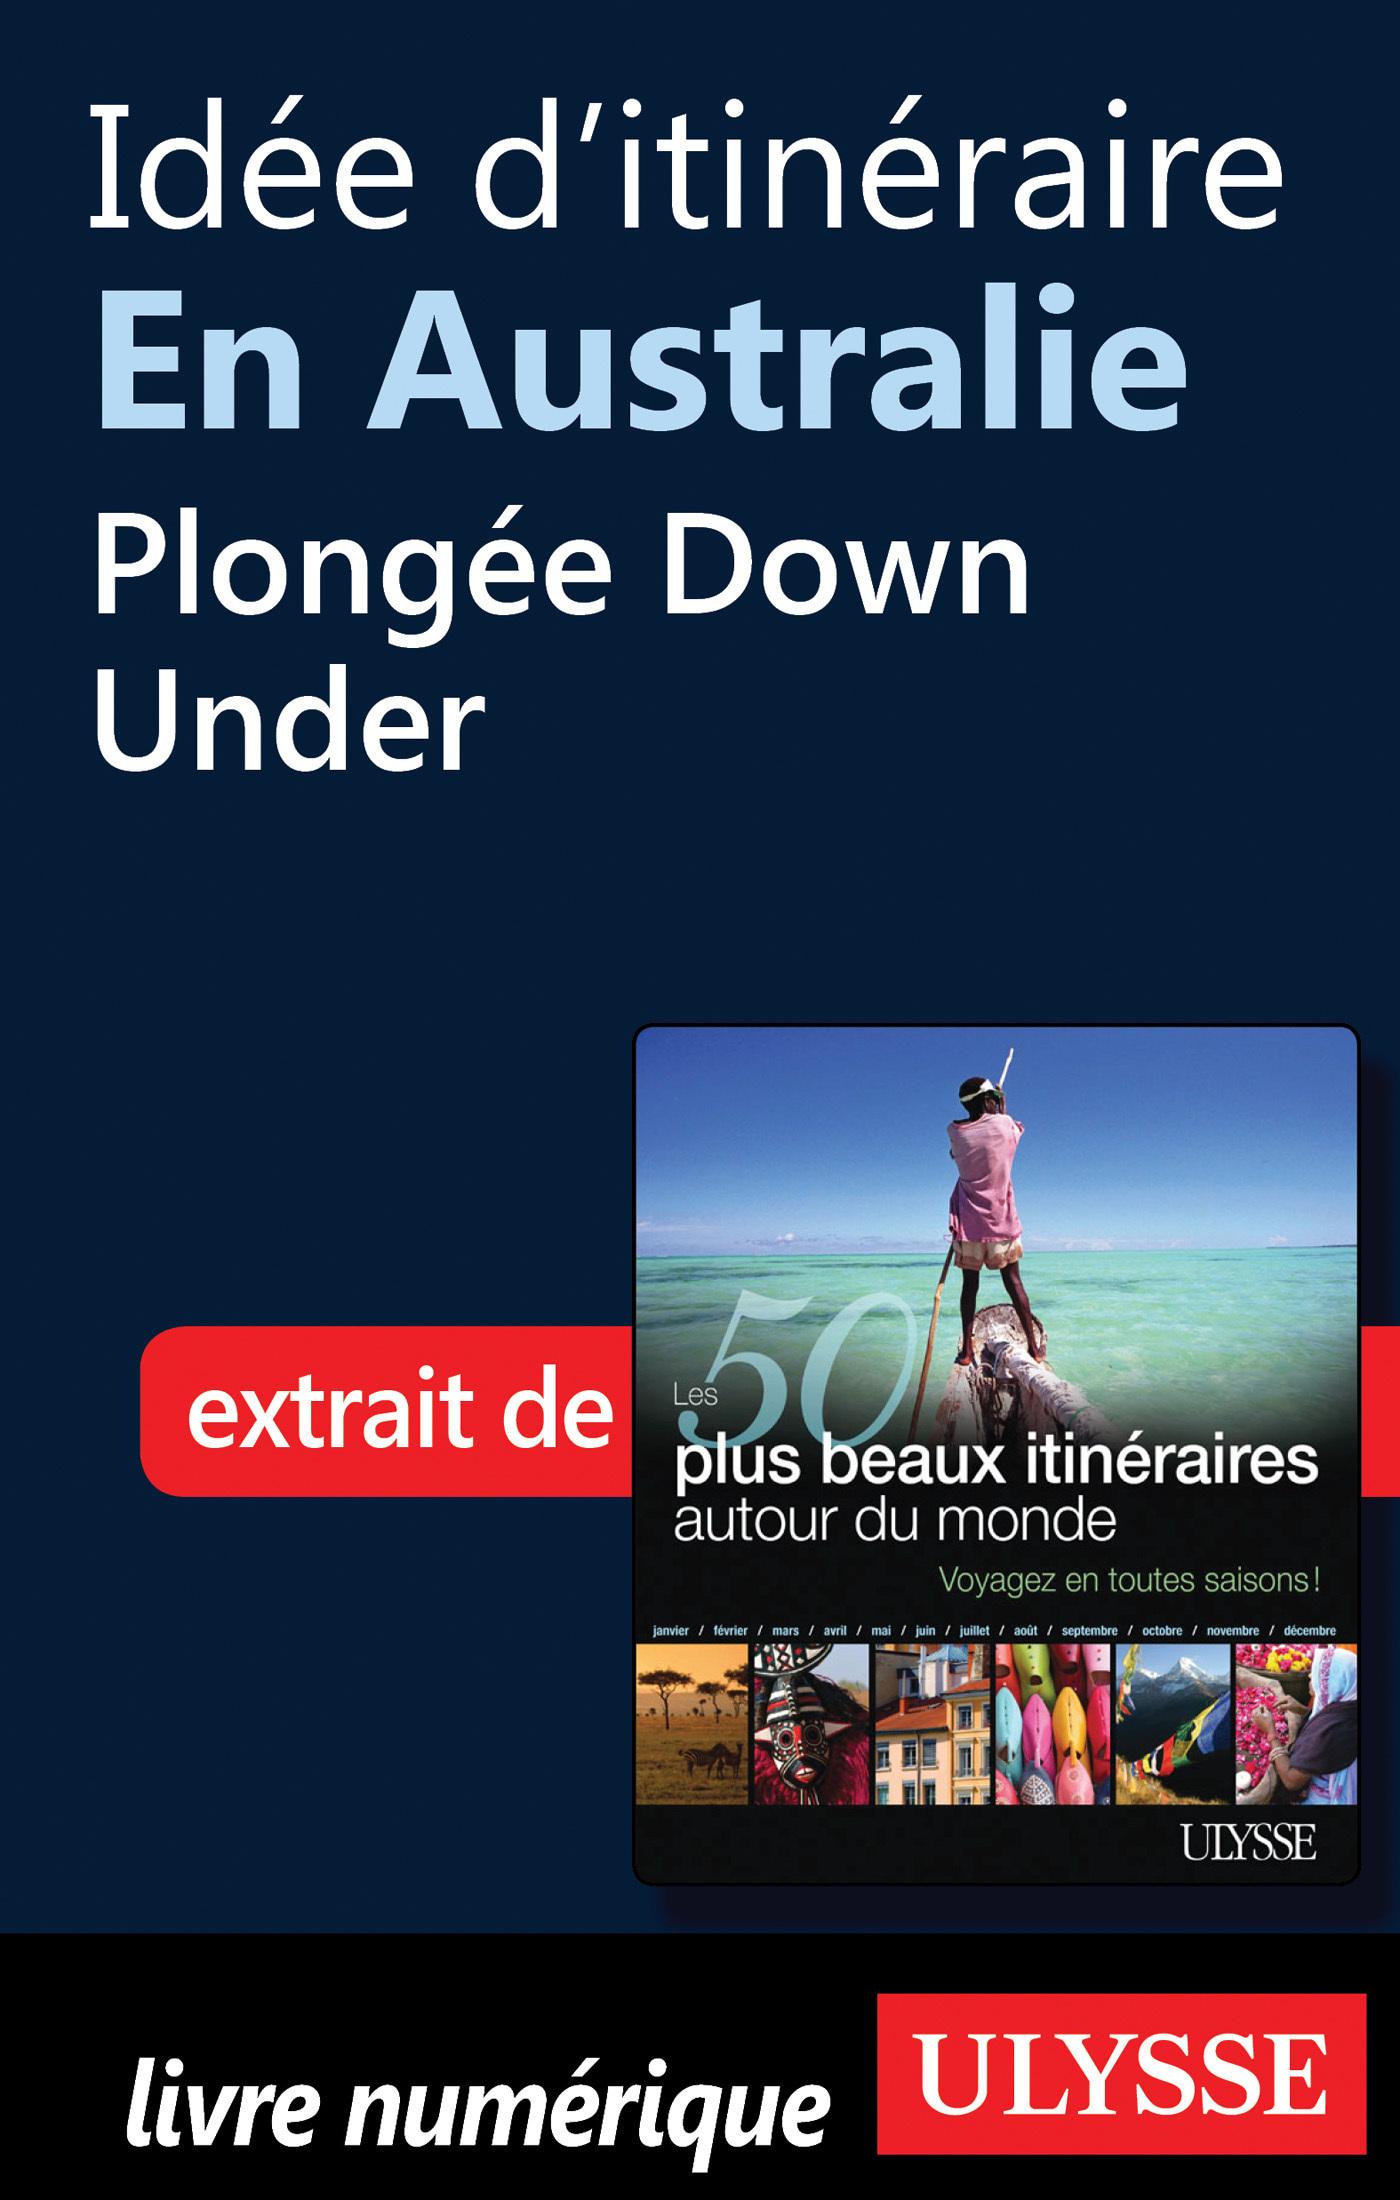 Idée d'itinéraire en Australie : Plongée Down Under